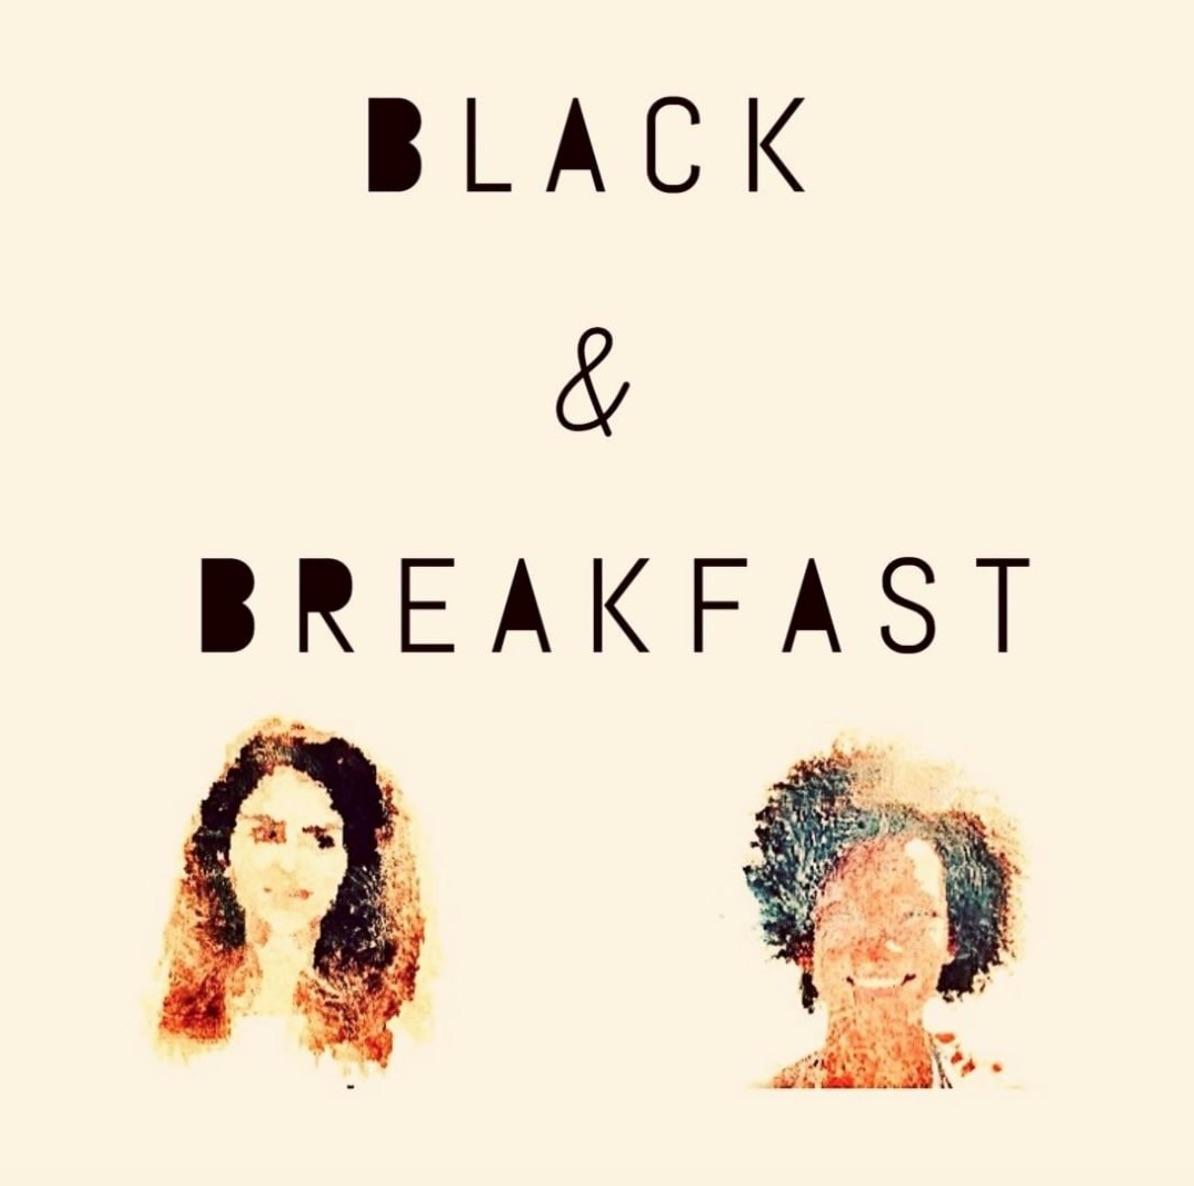 Afrodeusche Podcast Black&Breakfast